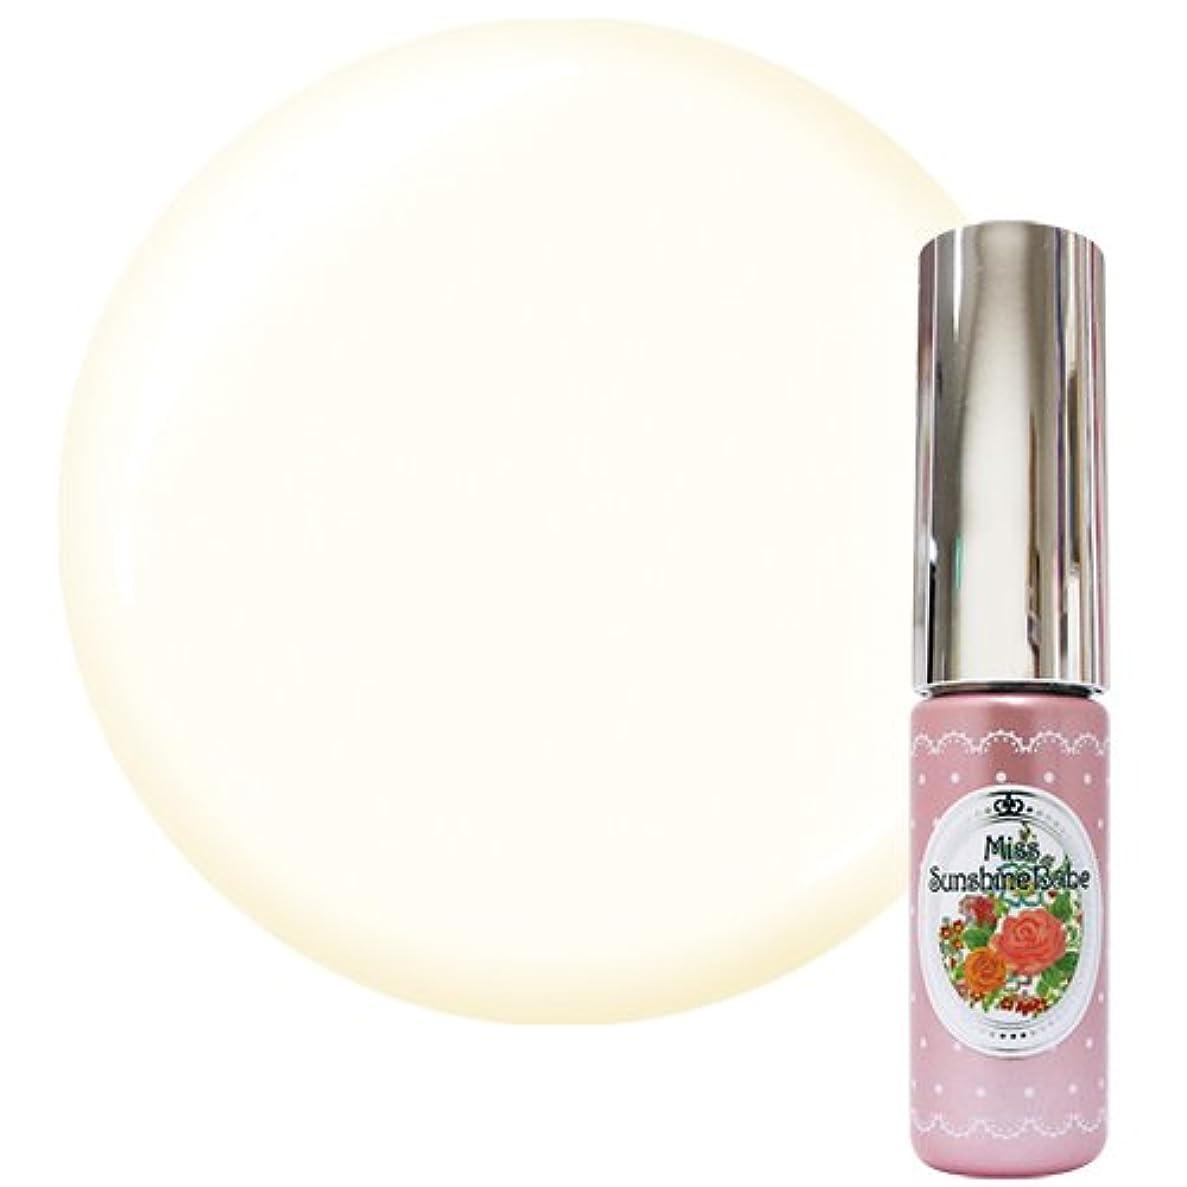 マウントバンクツイン朝食を食べるMiss SunshineBabe ミス サンシャインベビー カラージェル MC-30 5g ココナッツティー UV/LED対応